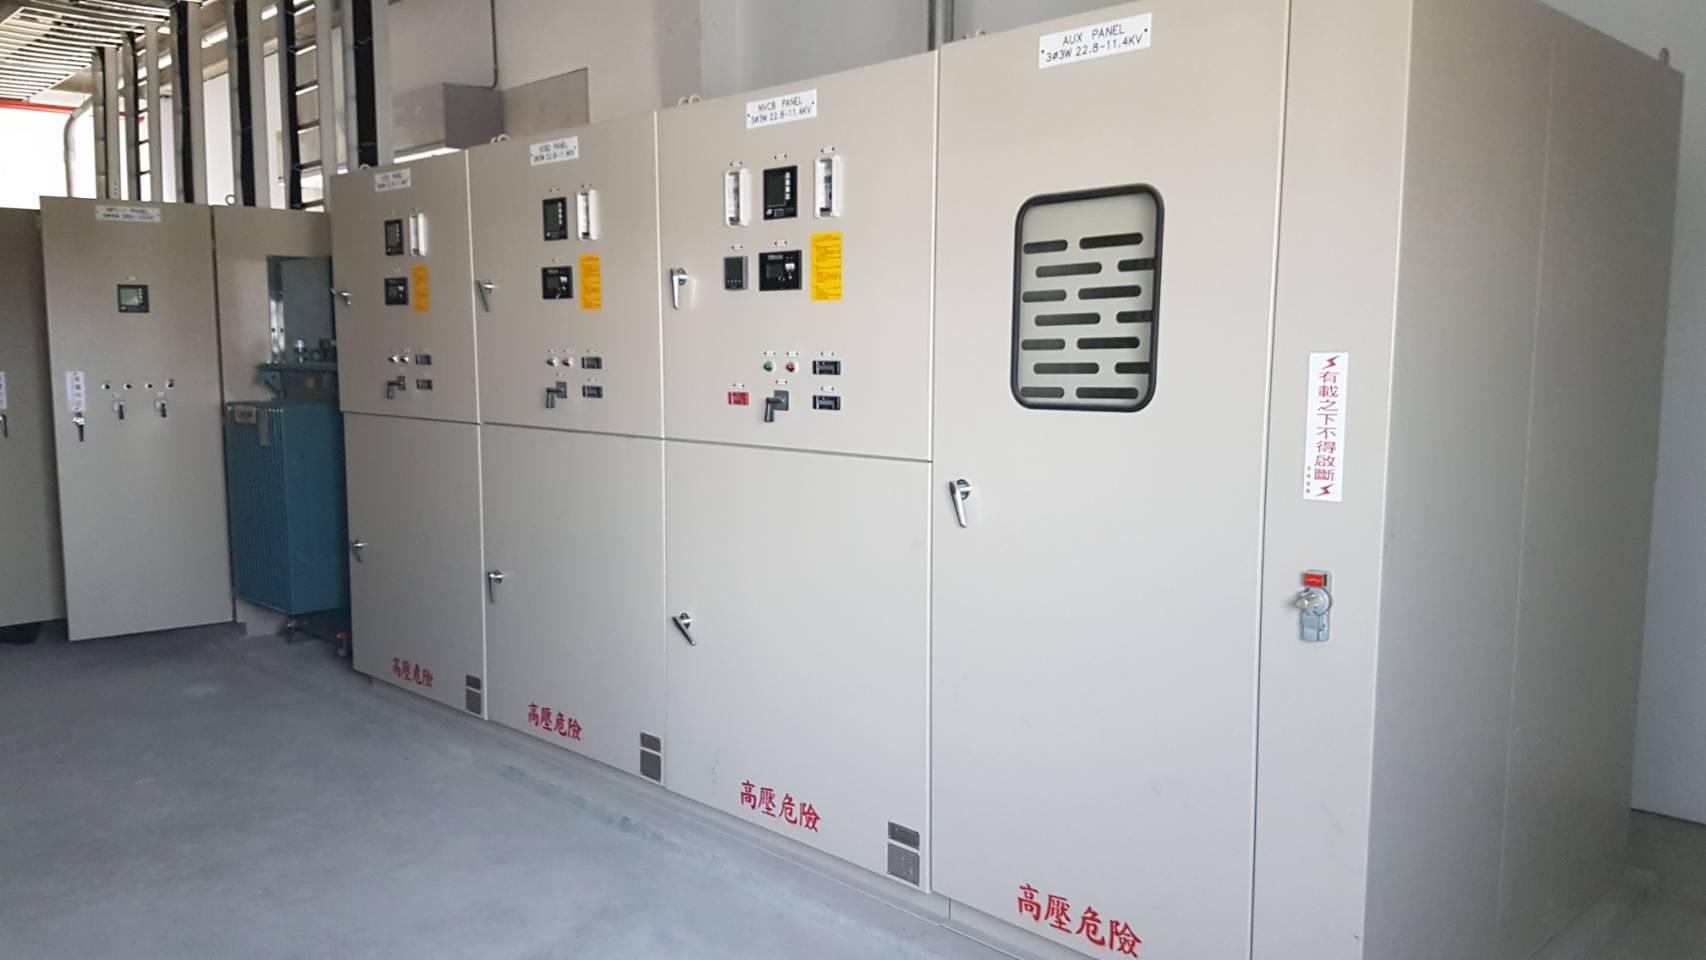 明係事業股份有限公司電力設備建置